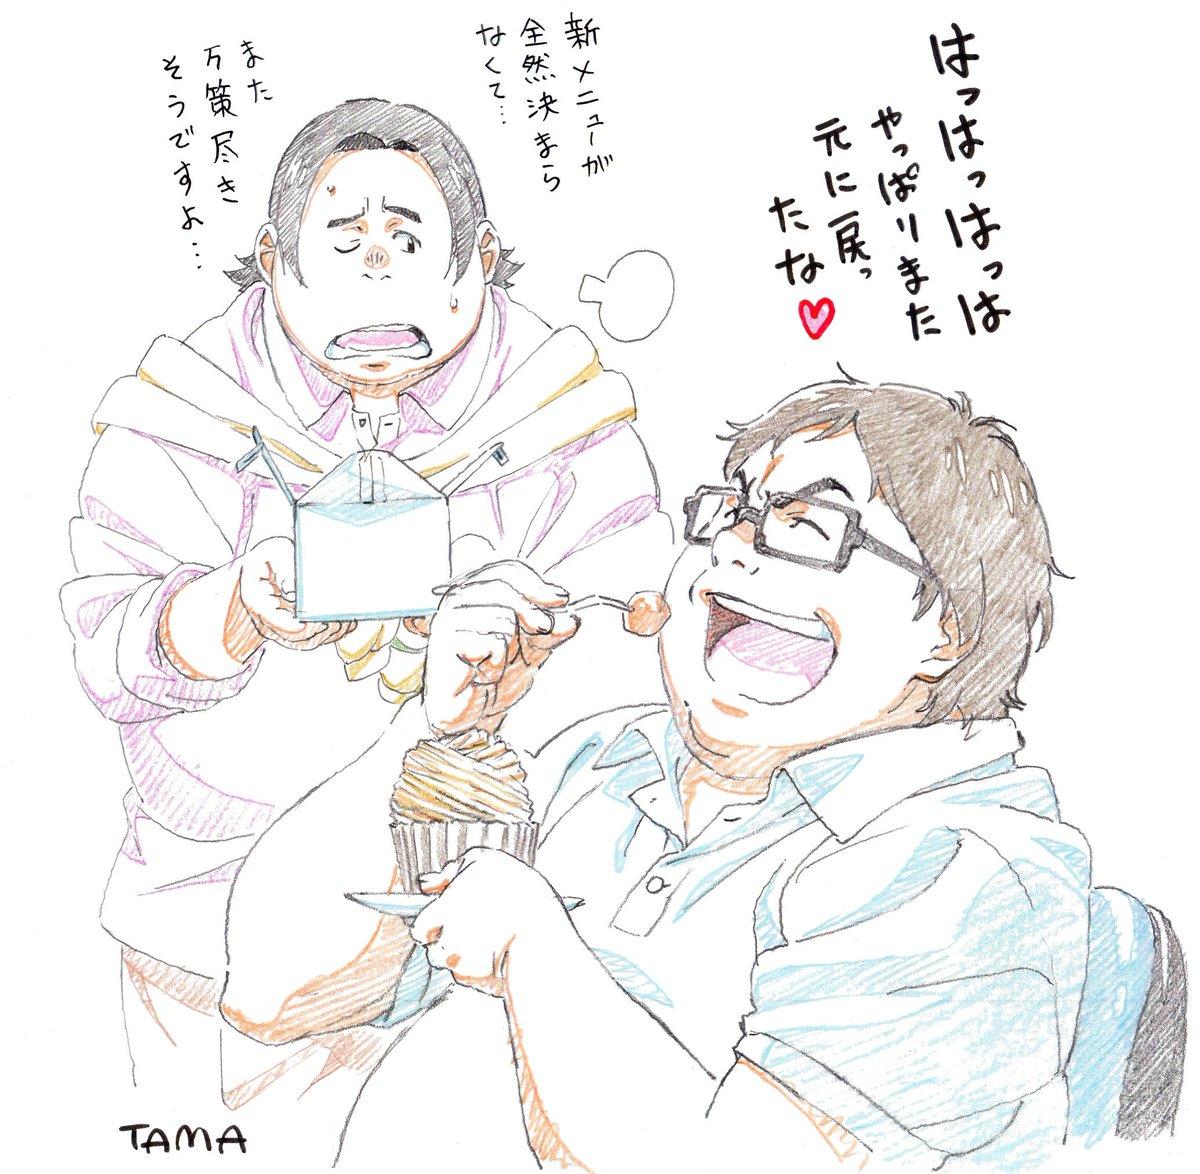 今更だけど…昆布くんに触発されて描いてみたwそろそろこんな展開になってもいい頃かなぁとw #SHIROBAKO